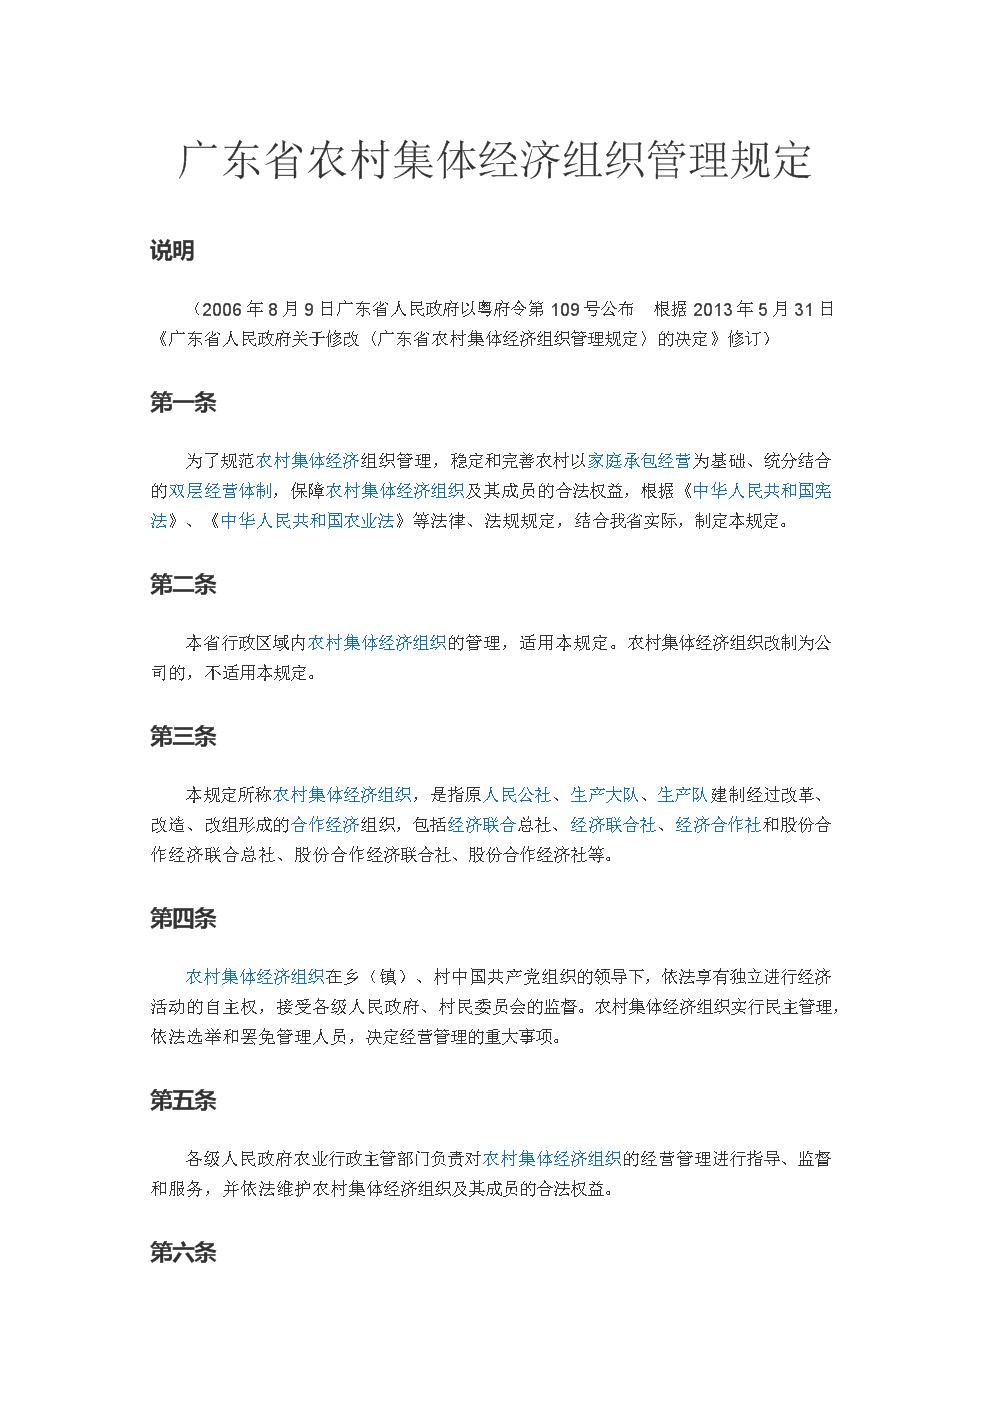 广东省农村集体经济组织管理规定.doc